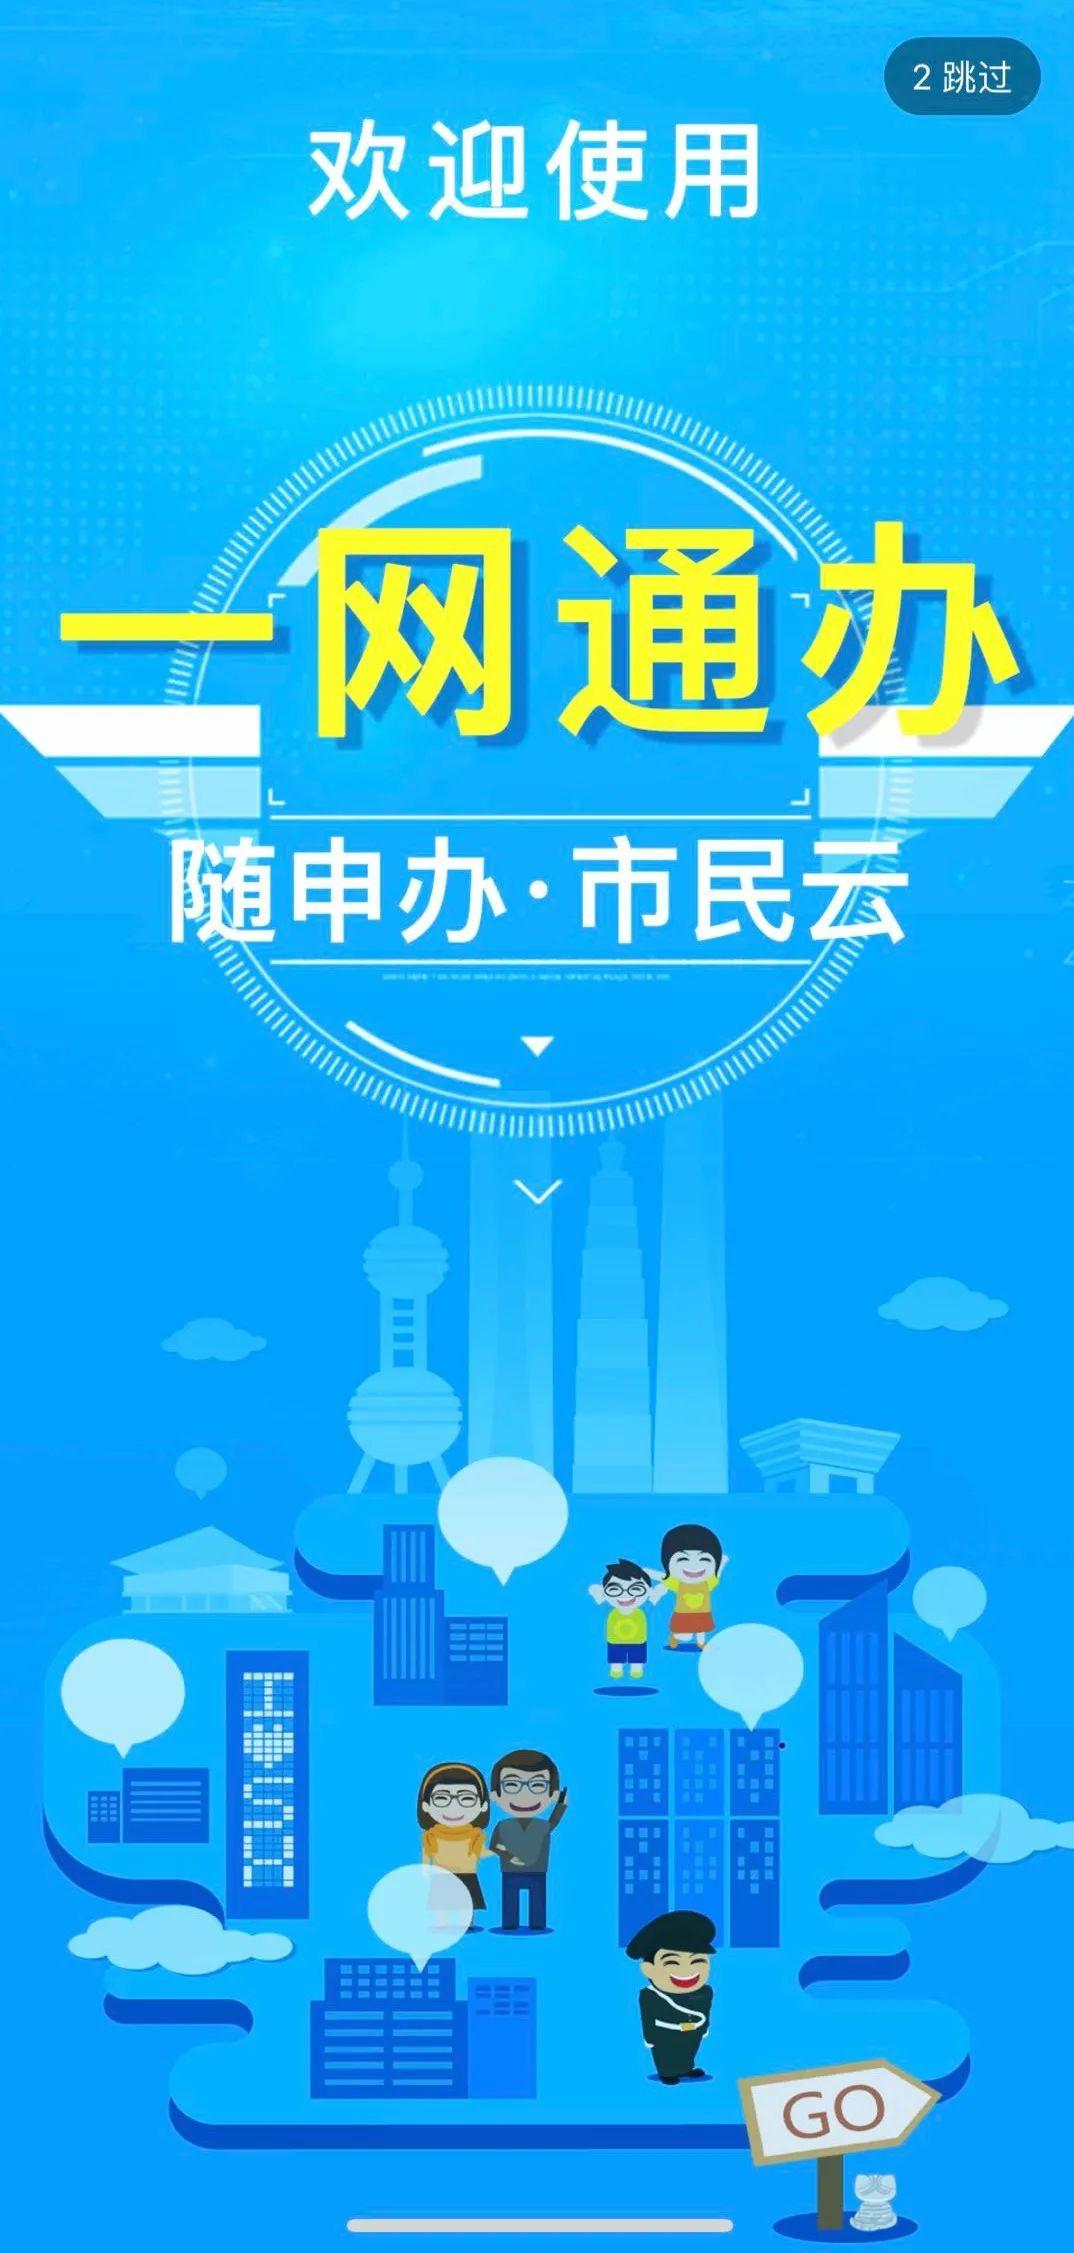 【程雪柔公交车联盟网】_9月30日起沪苏浙皖互认电子驾照